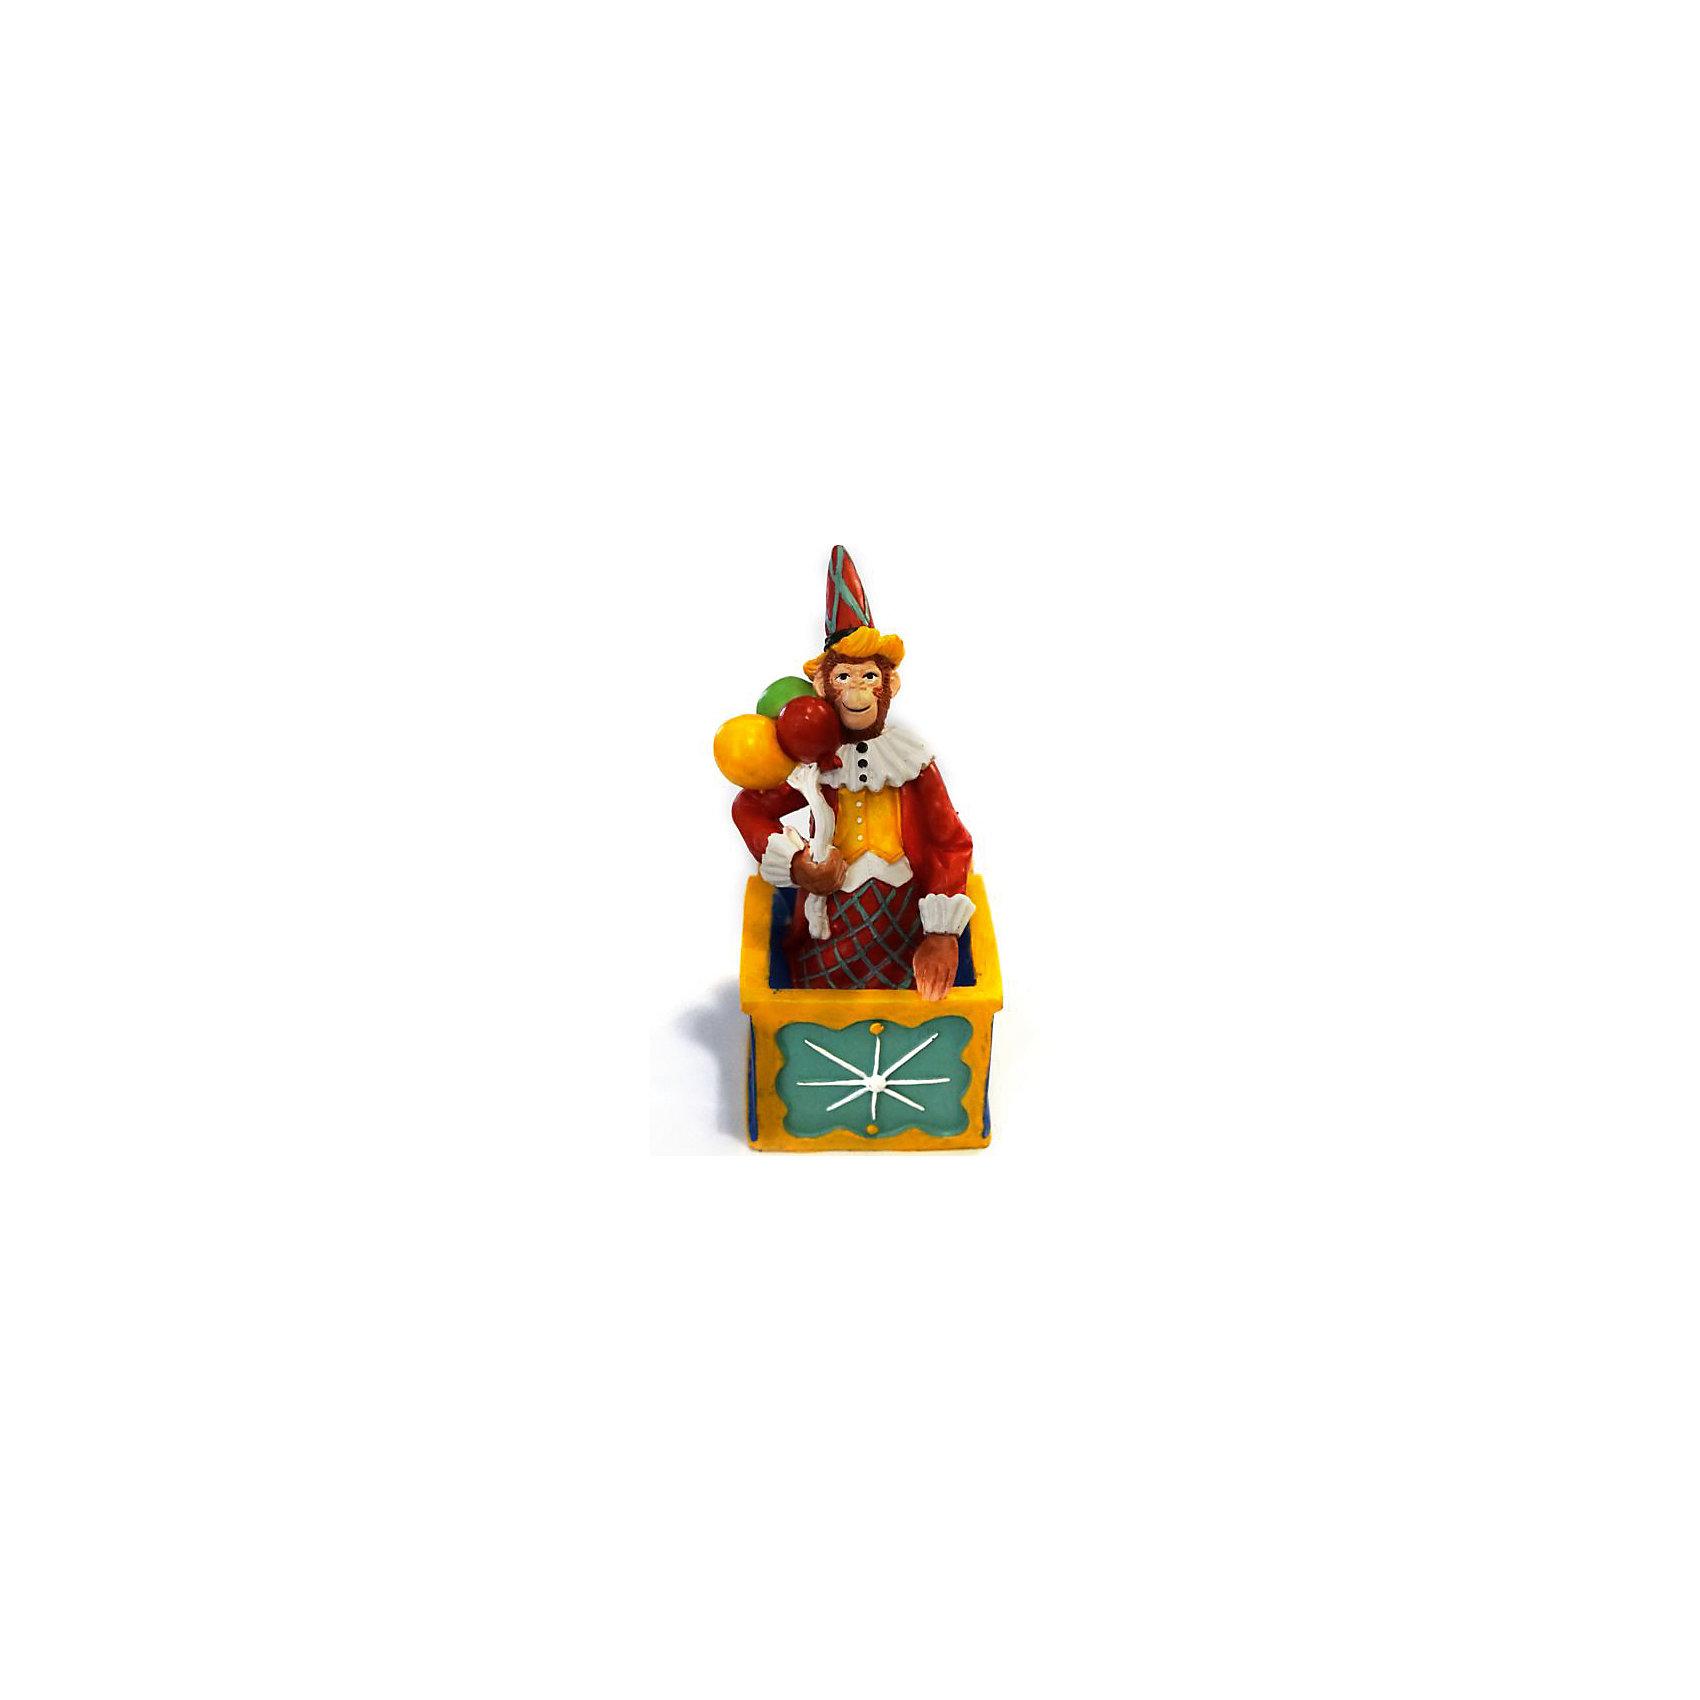 Декоративная обезьяна Клоун в ящикеДекоративная обезьянка Клоун в ящике, Феникс-Презент, прекрасно дополнит Ваш новогодний интерьер и станет приятным сувениром для родных и друзей. Озорная обезьянка представлена в образе клоуна в ярком цирковом наряде. Обезьяна является символом Нового 2016 года, забавная фигурка принесет Вам радость и удачу и поднимет настроение.  <br><br>Дополнительная информация:<br><br>- Материал: полирезина. <br>- Размер фигурки: 7 х 5,5 х 12,5 см.<br><br>Декоративную обезьянку Клоун в ящике, Феникс-Презент,  можно купить в нашем интернет-магазине.<br><br>Ширина мм: 80<br>Глубина мм: 70<br>Высота мм: 140<br>Вес г: 100<br>Возраст от месяцев: 36<br>Возраст до месяцев: 2147483647<br>Пол: Унисекс<br>Возраст: Детский<br>SKU: 4276525